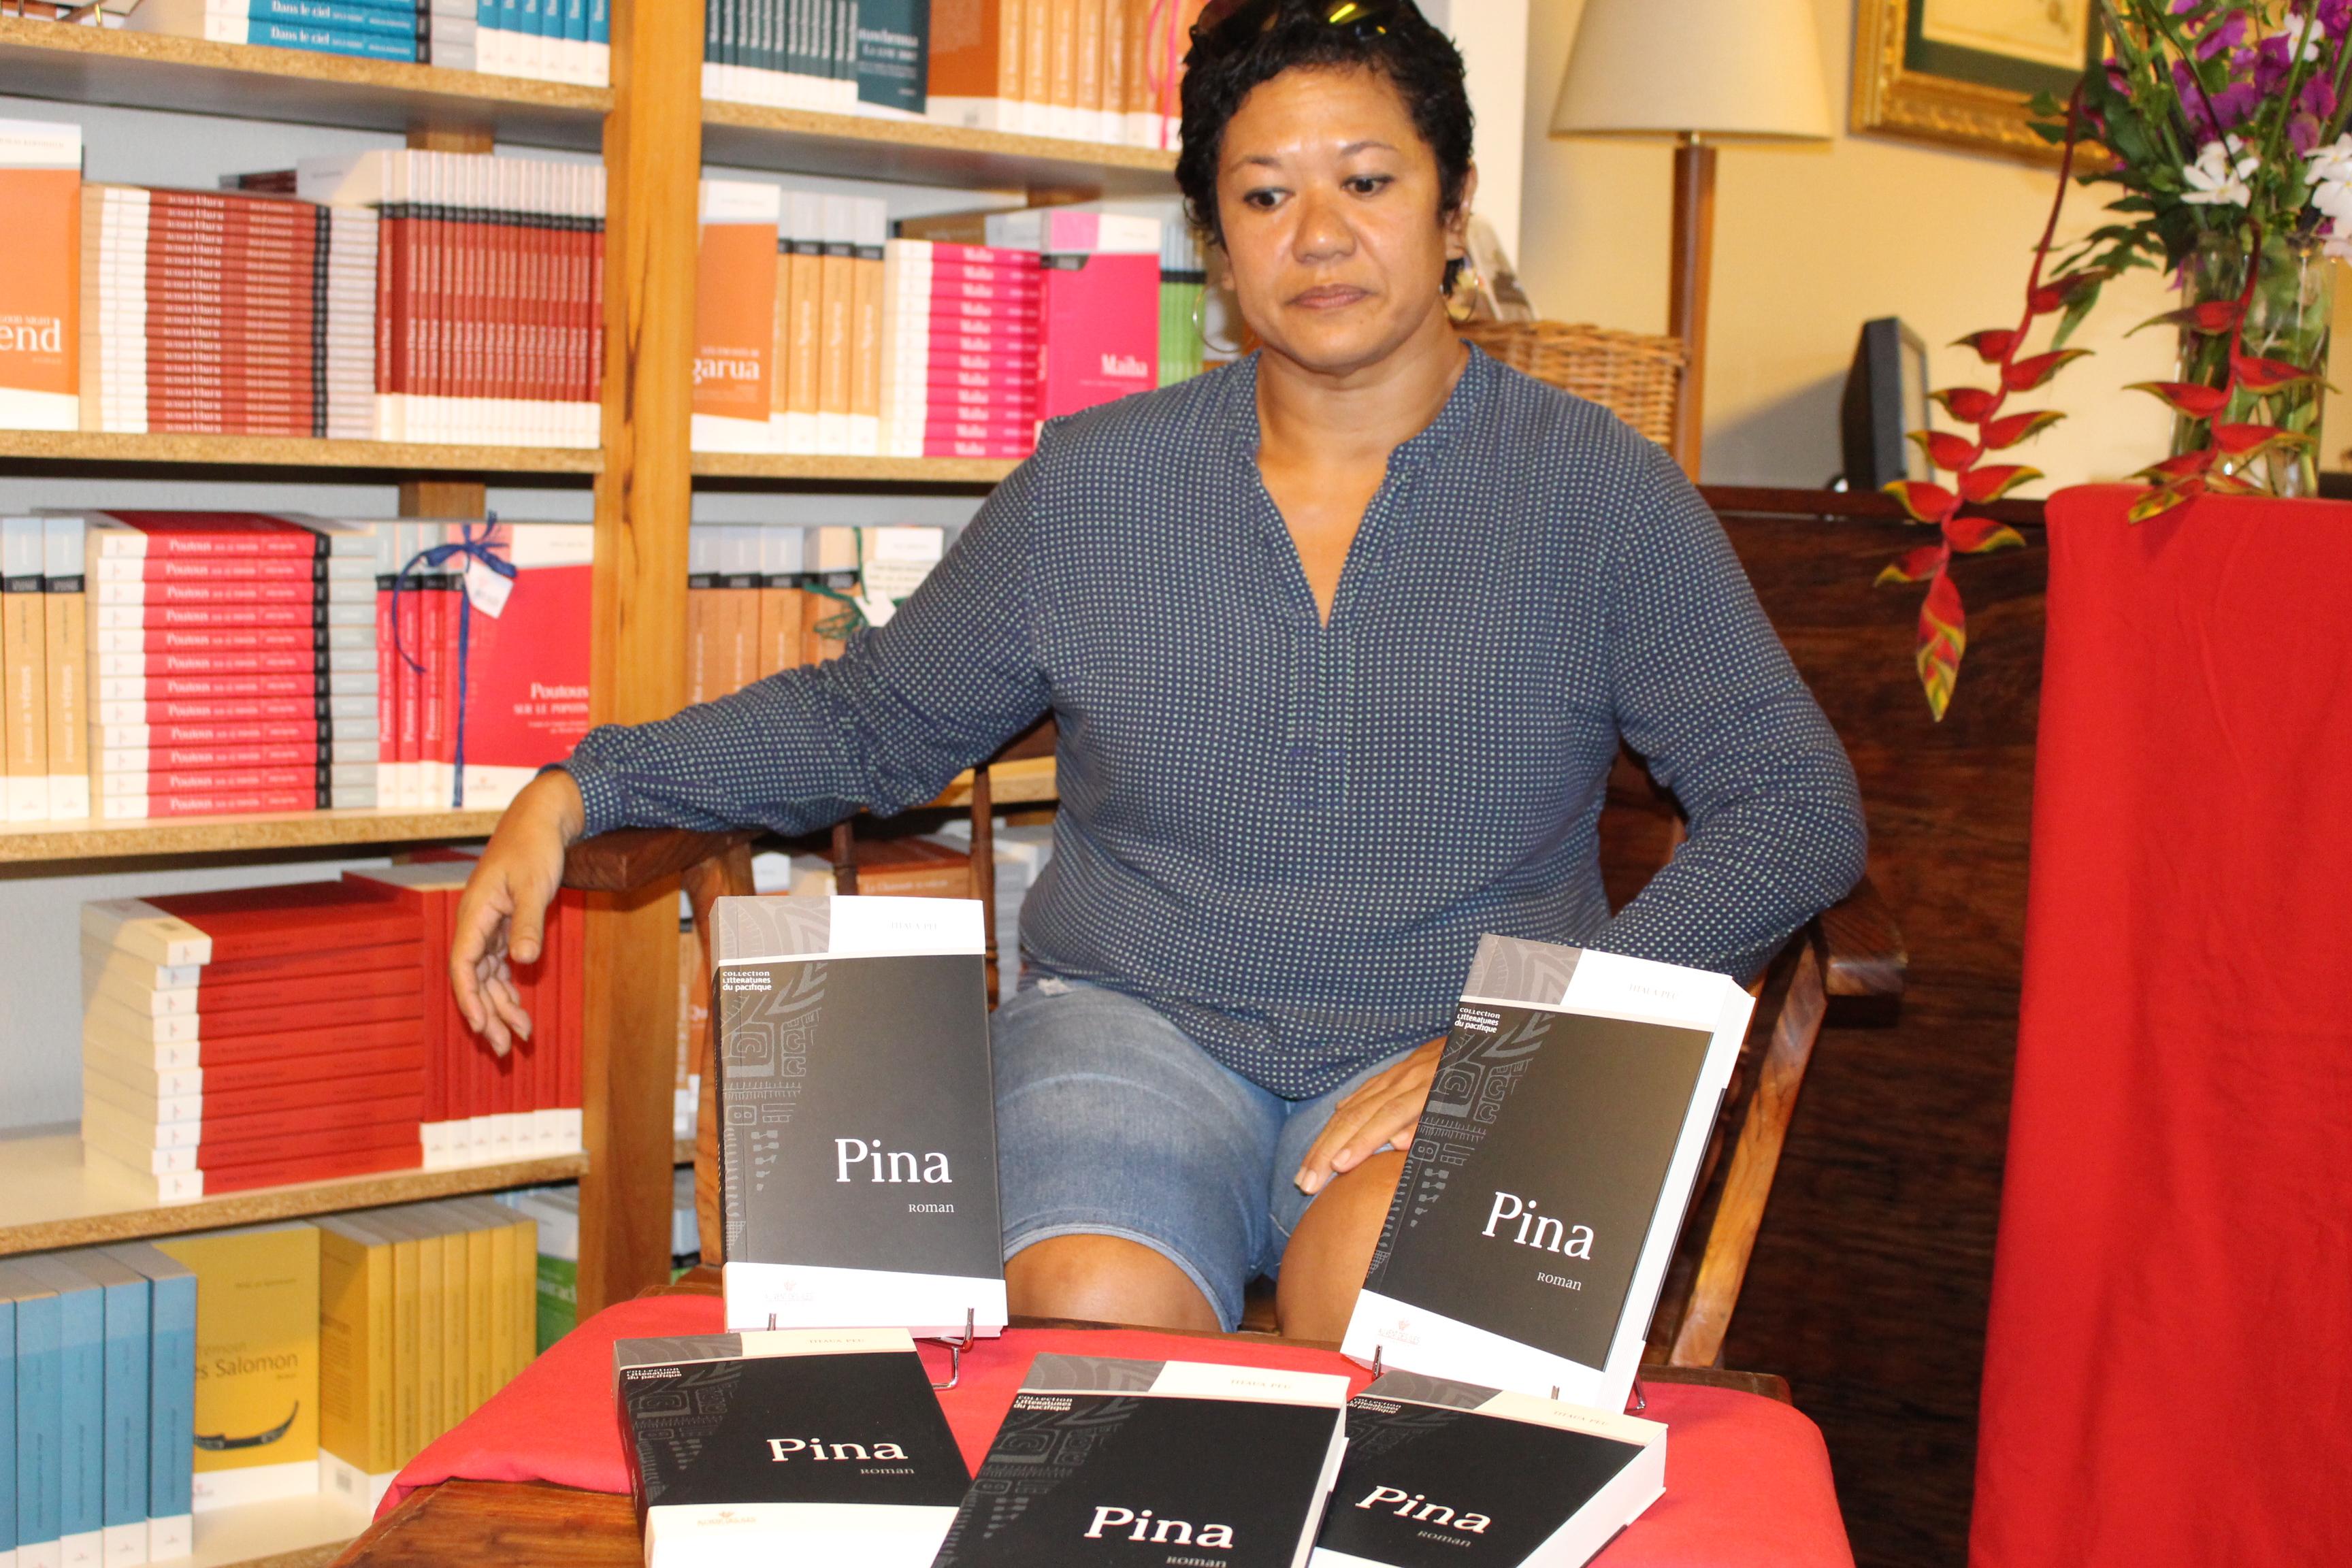 Titaua Peu publie son deuxième roman Pina en octobre, à l'occasion du Salon du Livre de Polynésie ©Tahiti-infos